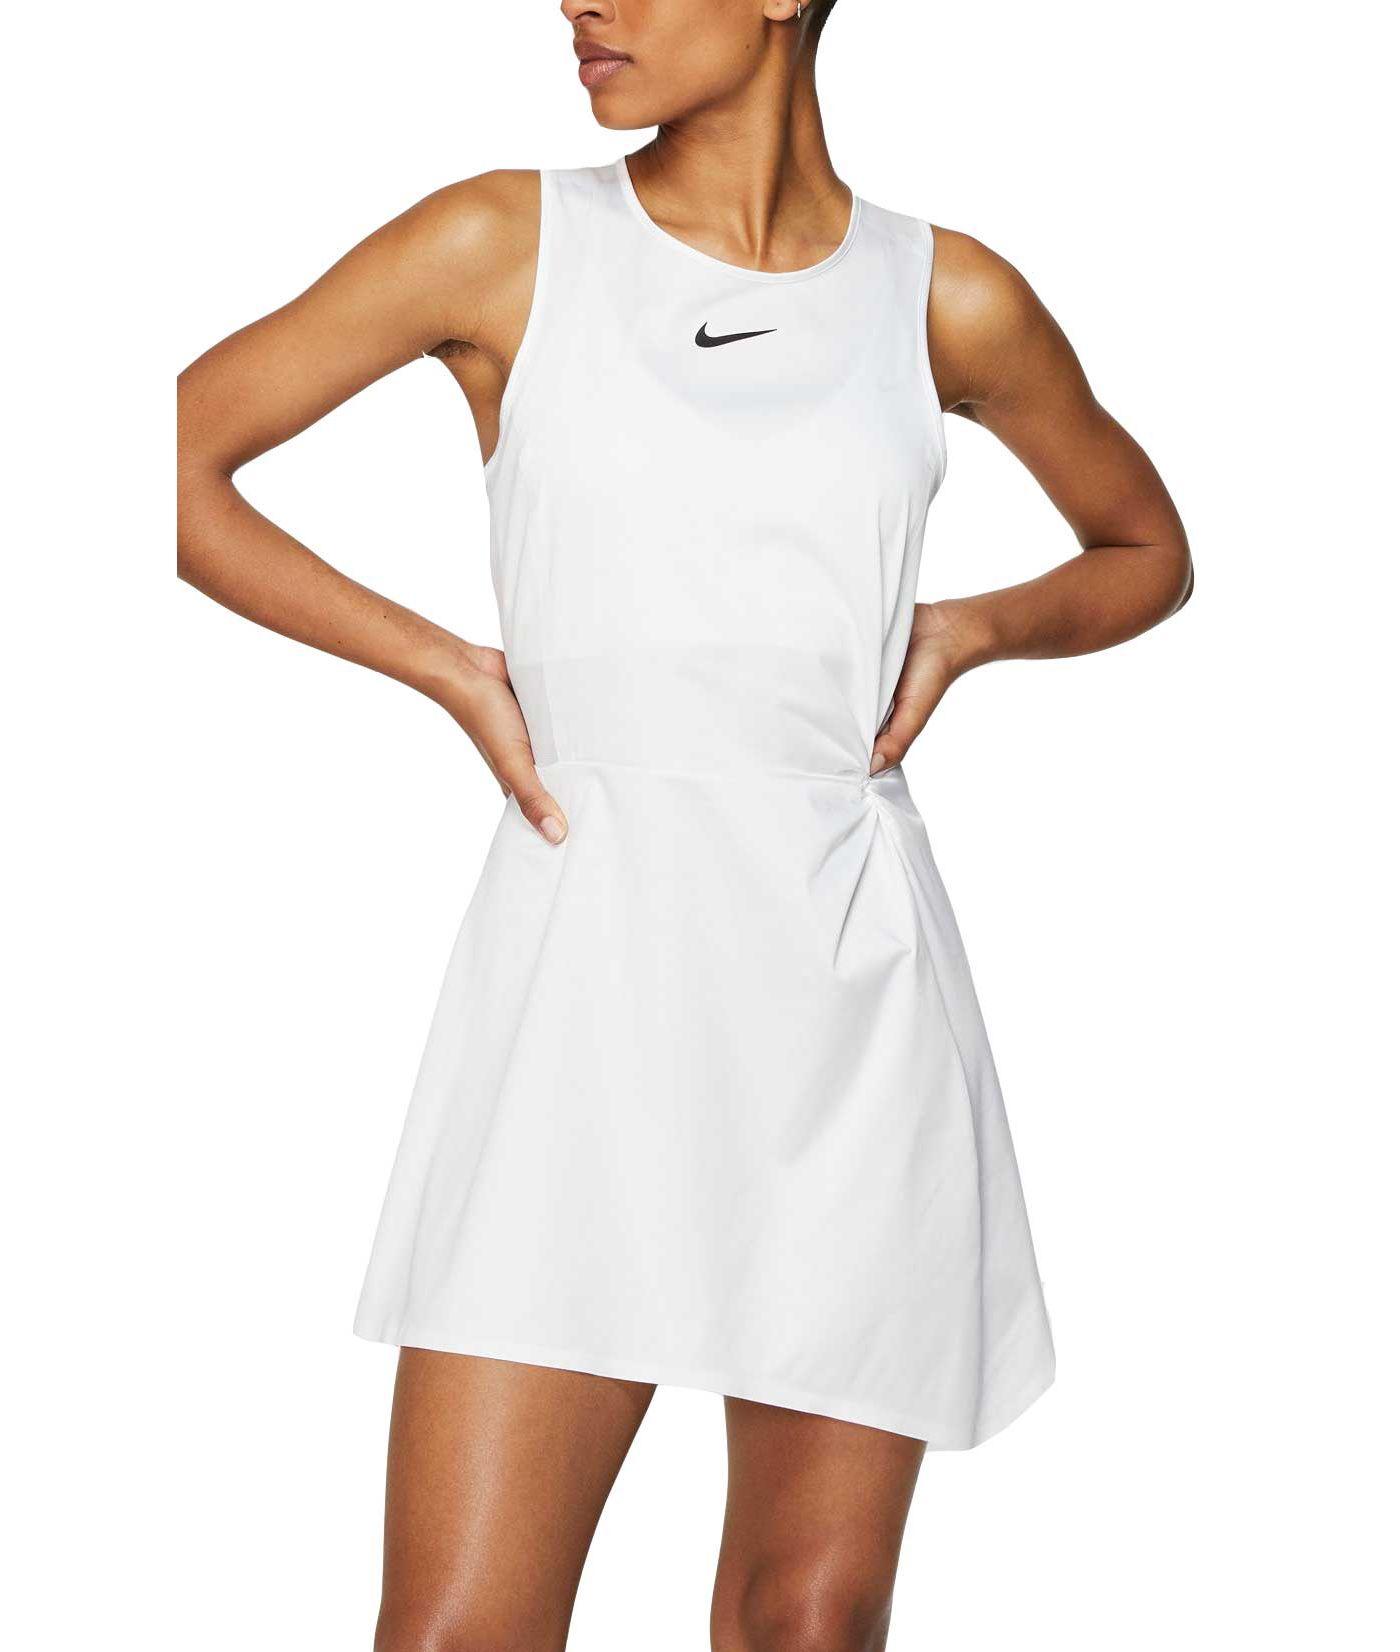 Nike Women's Dri-FIT Maria Tennis Dress